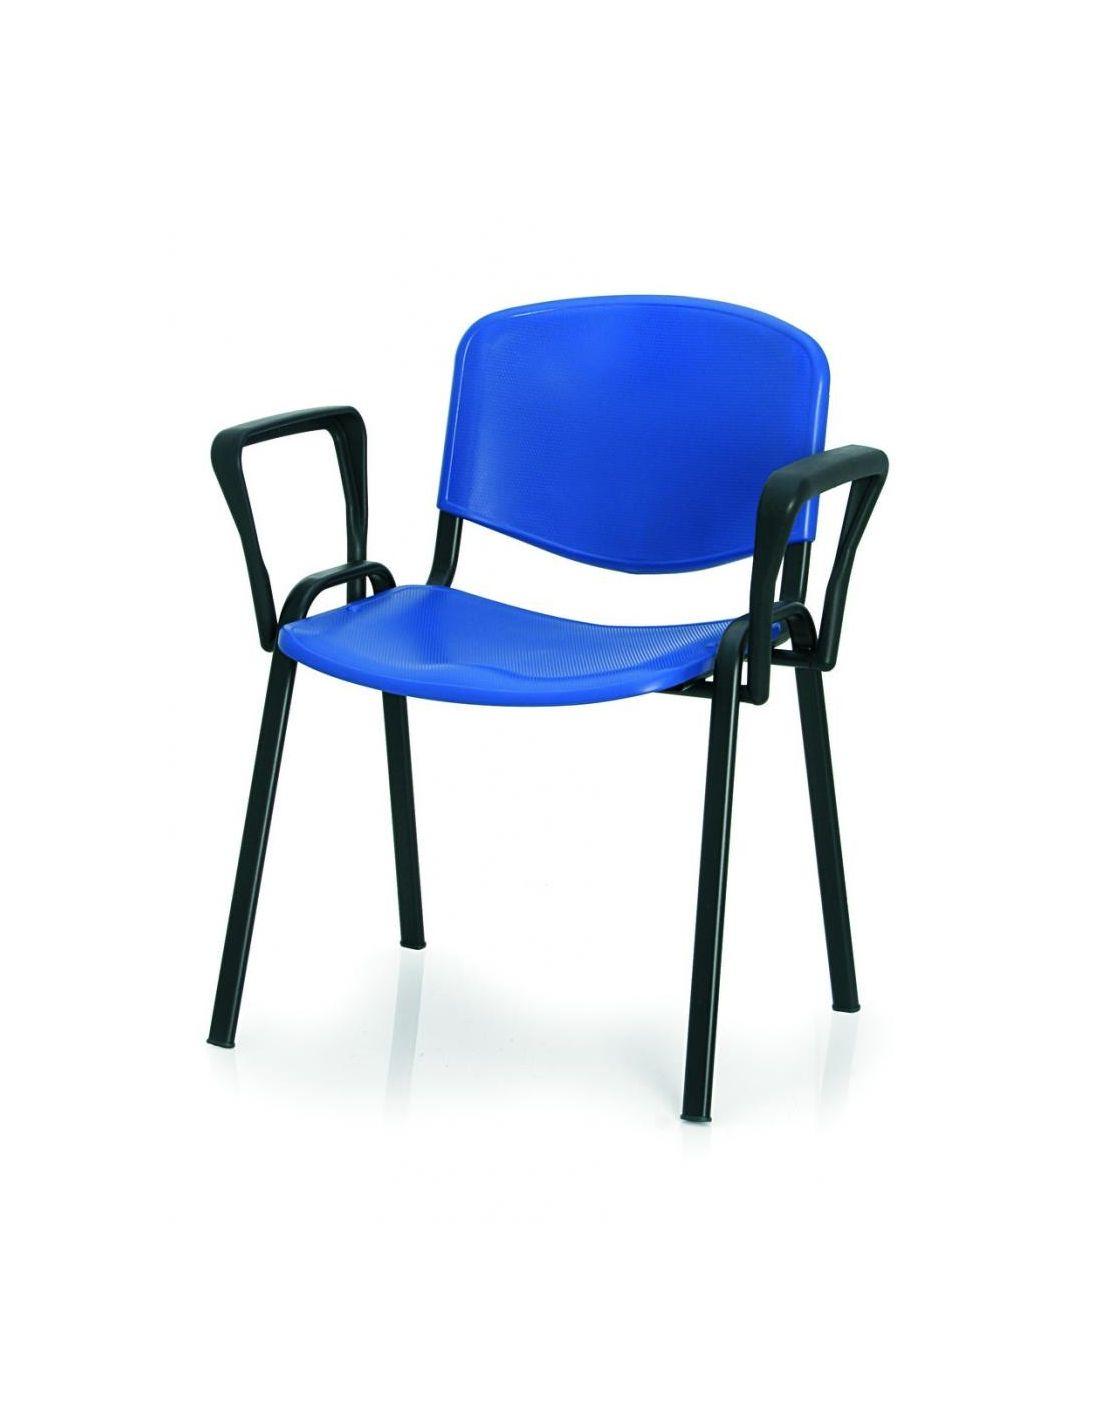 Sedie E Tavoli Plastica Economici.4 Sedie Per Sala Conferenza Economiche In Plastica Chf